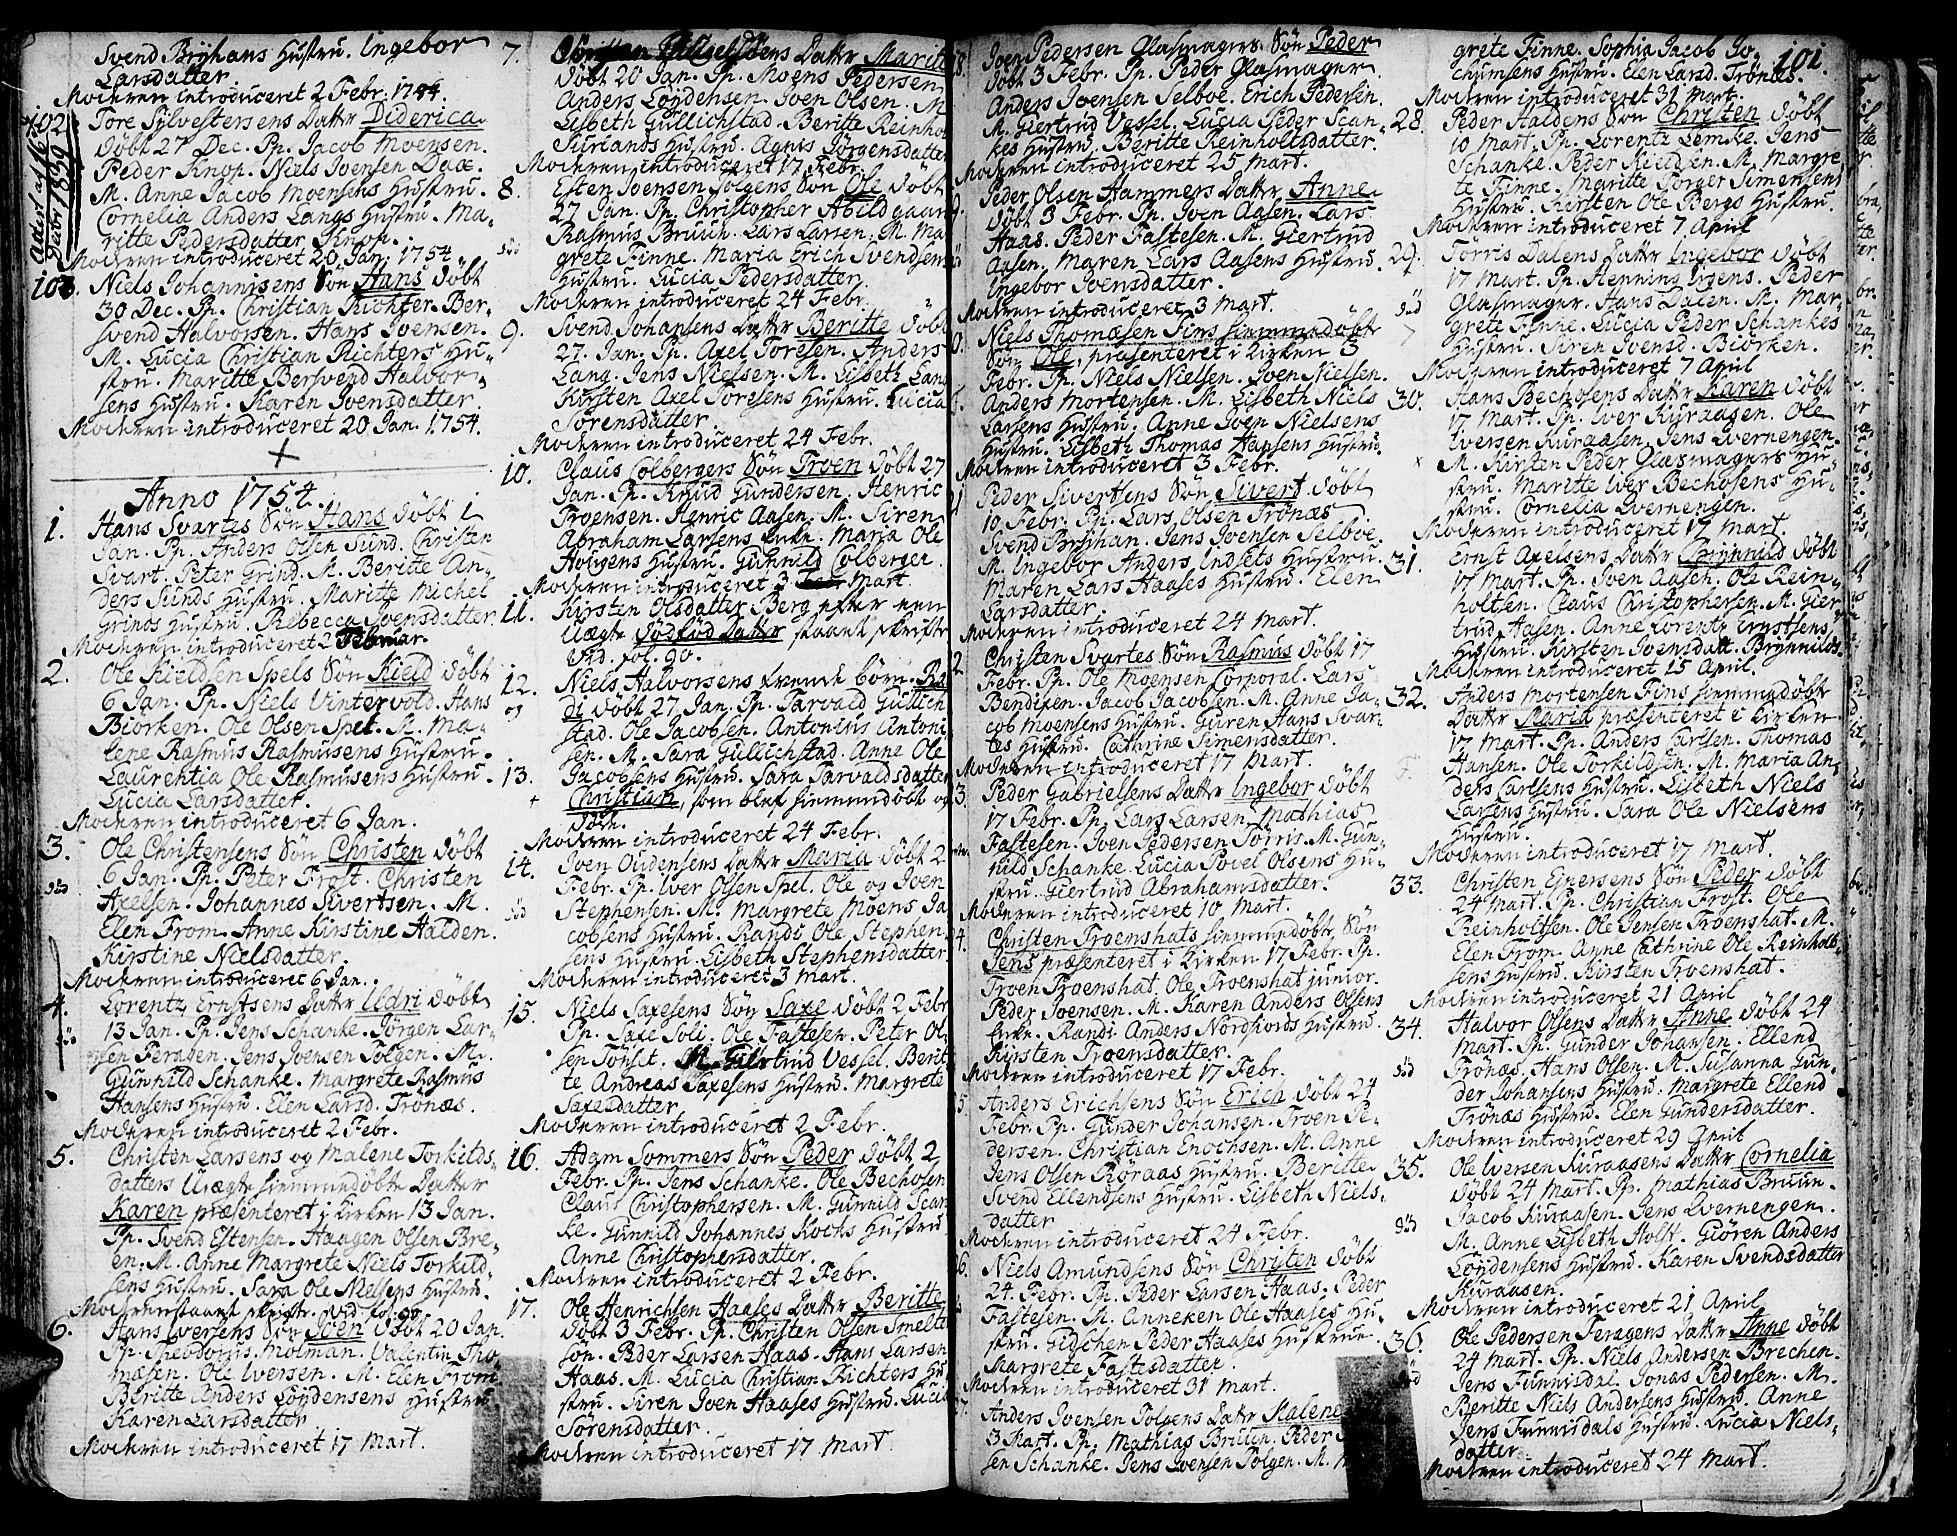 SAT, Ministerialprotokoller, klokkerbøker og fødselsregistre - Sør-Trøndelag, 681/L0925: Ministerialbok nr. 681A03, 1727-1766, s. 101